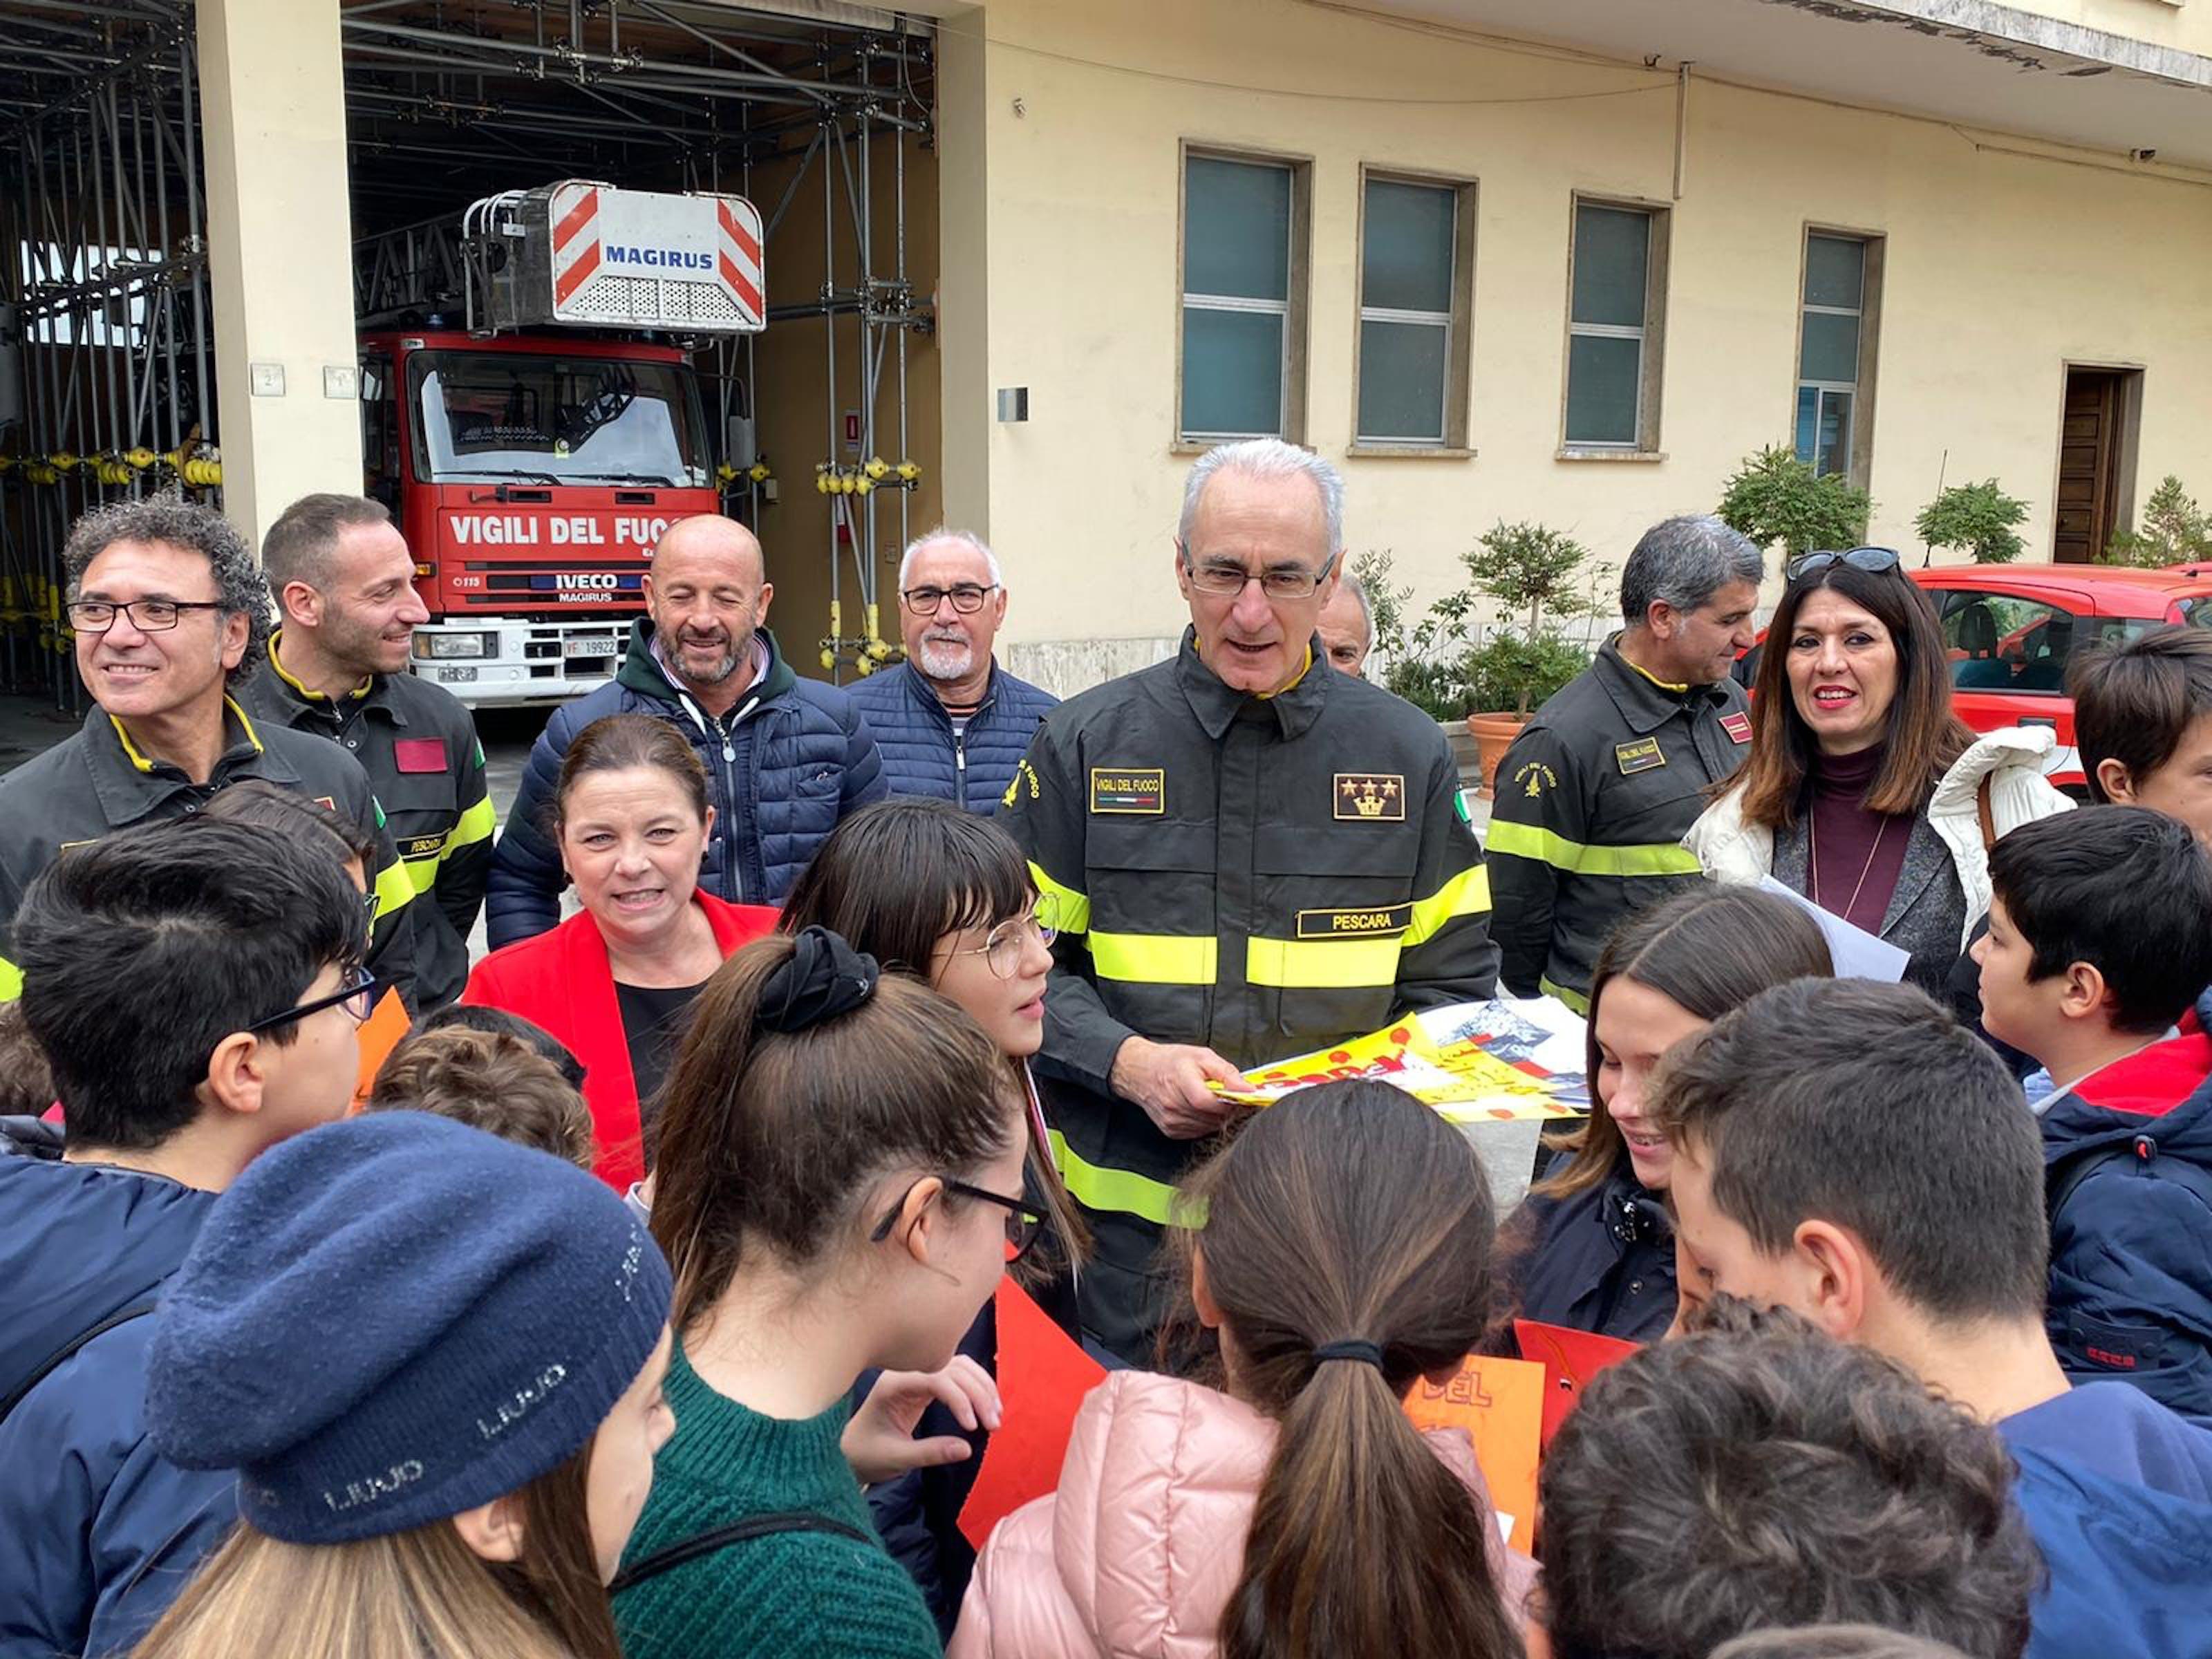 Vigili del Fuoco e Comitato UNICEF di Pescara insieme per difendere i diritti dei bambini nella Giornata Mondiale dell'Infanzia